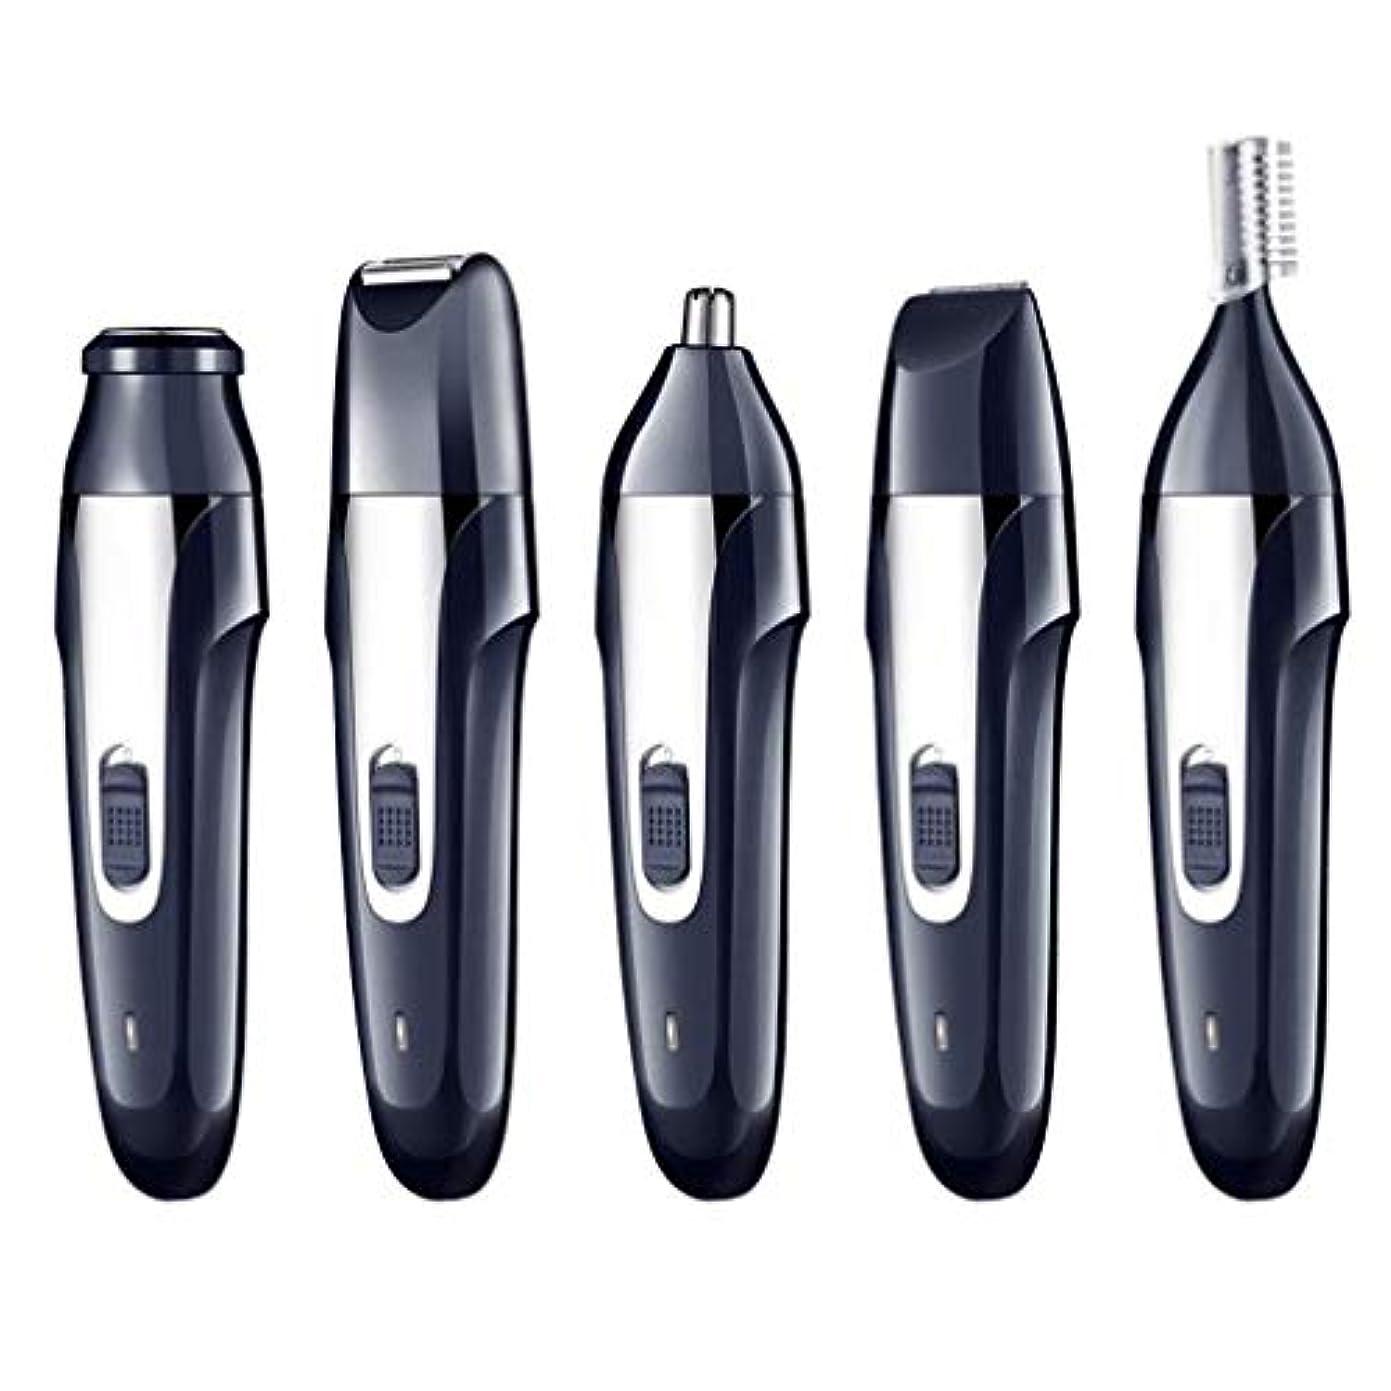 お嬢反応する子豚鼻毛トリマー - 電動脱毛器具、USB充電器、リップヘア、眉毛形削りナイフ、5つ1つ、ポータブル、ユニセックス (Color : 1)